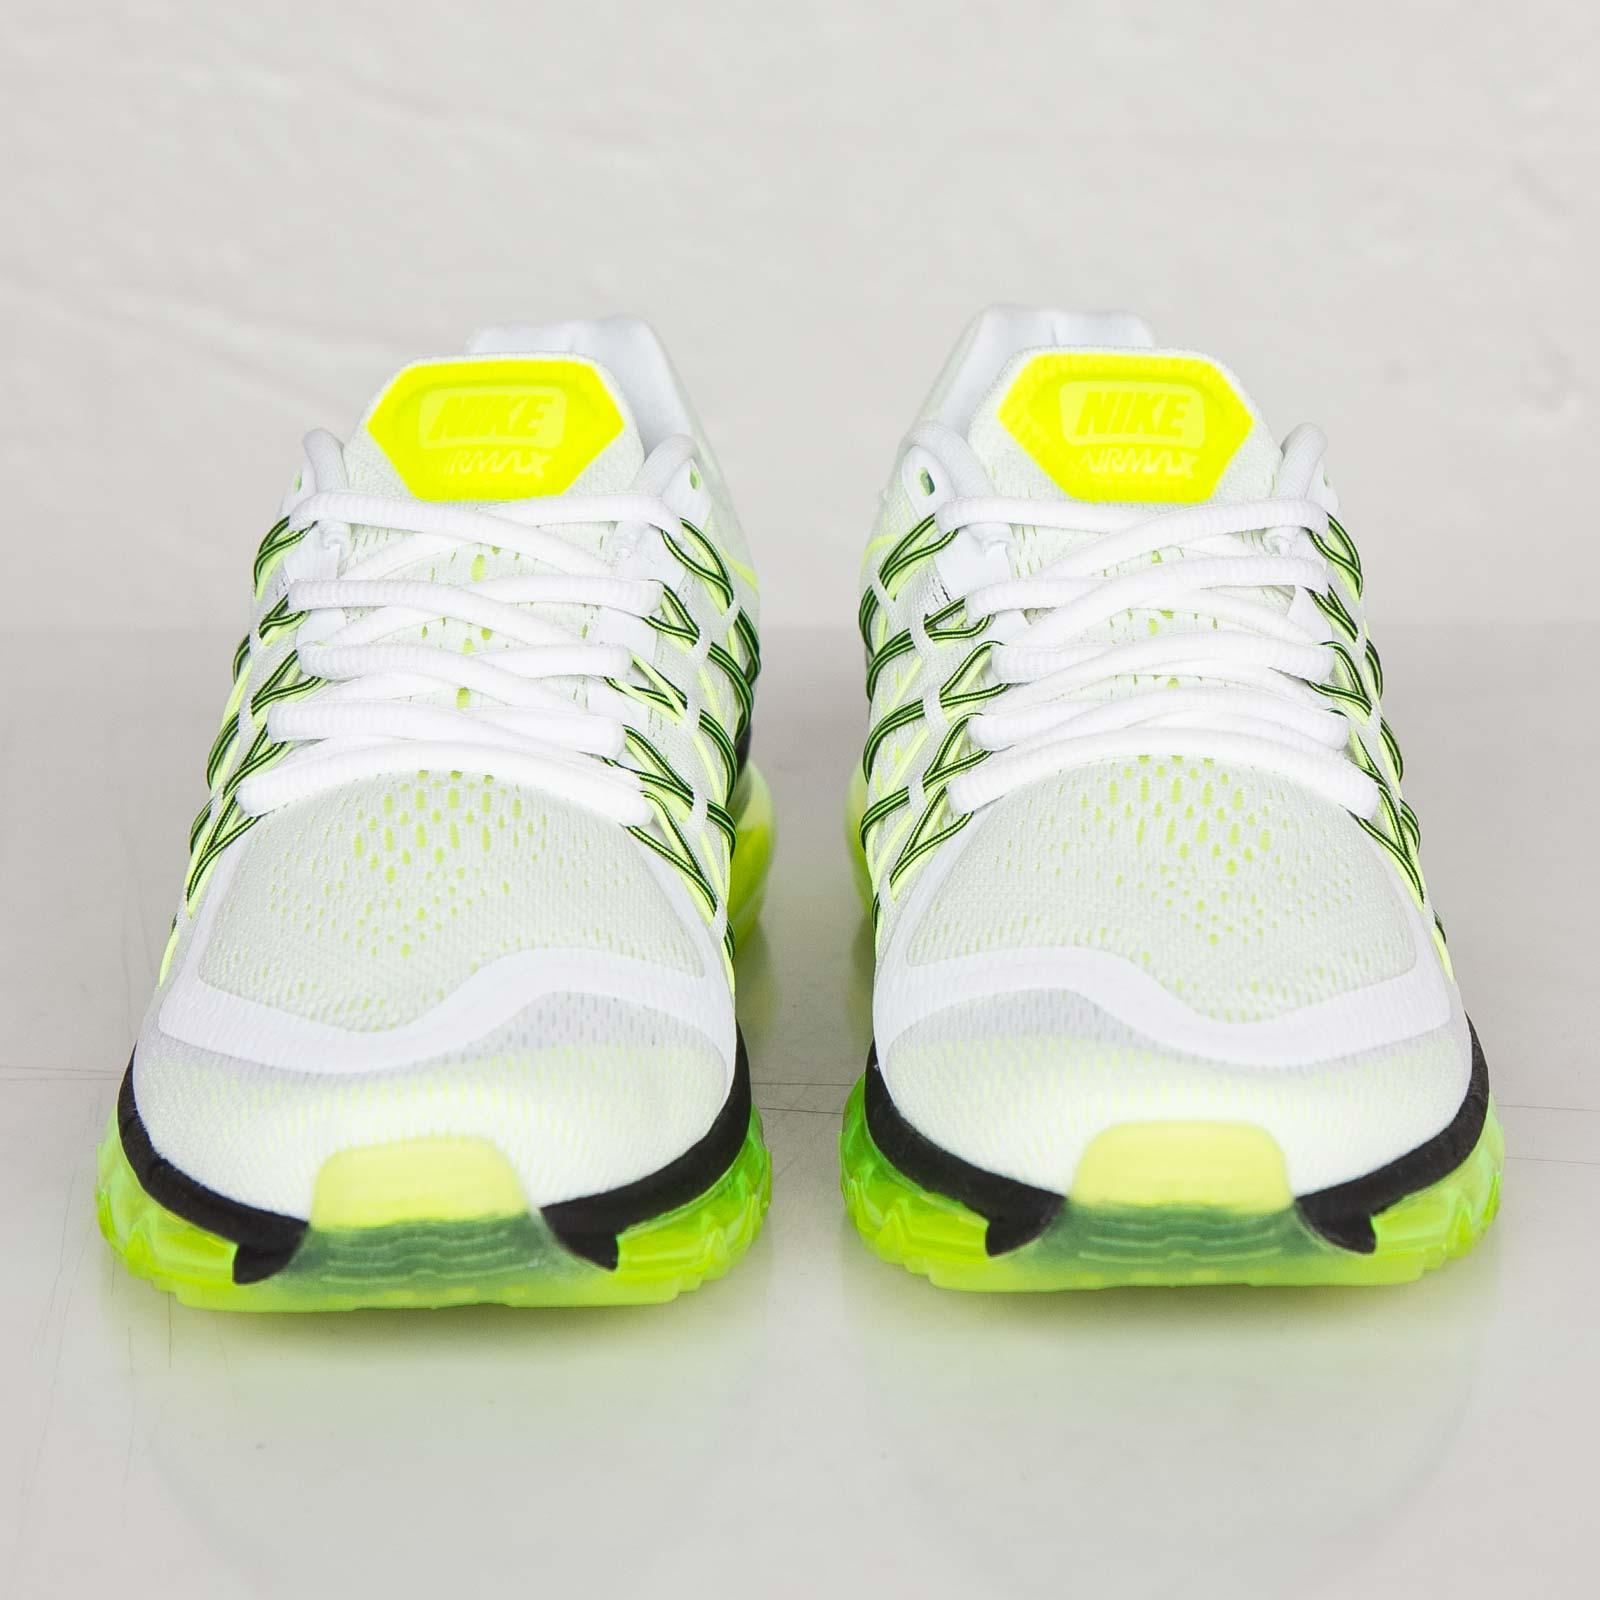 Nike Air Max 2015 698902 107 Sneakersnstuff   sneakers